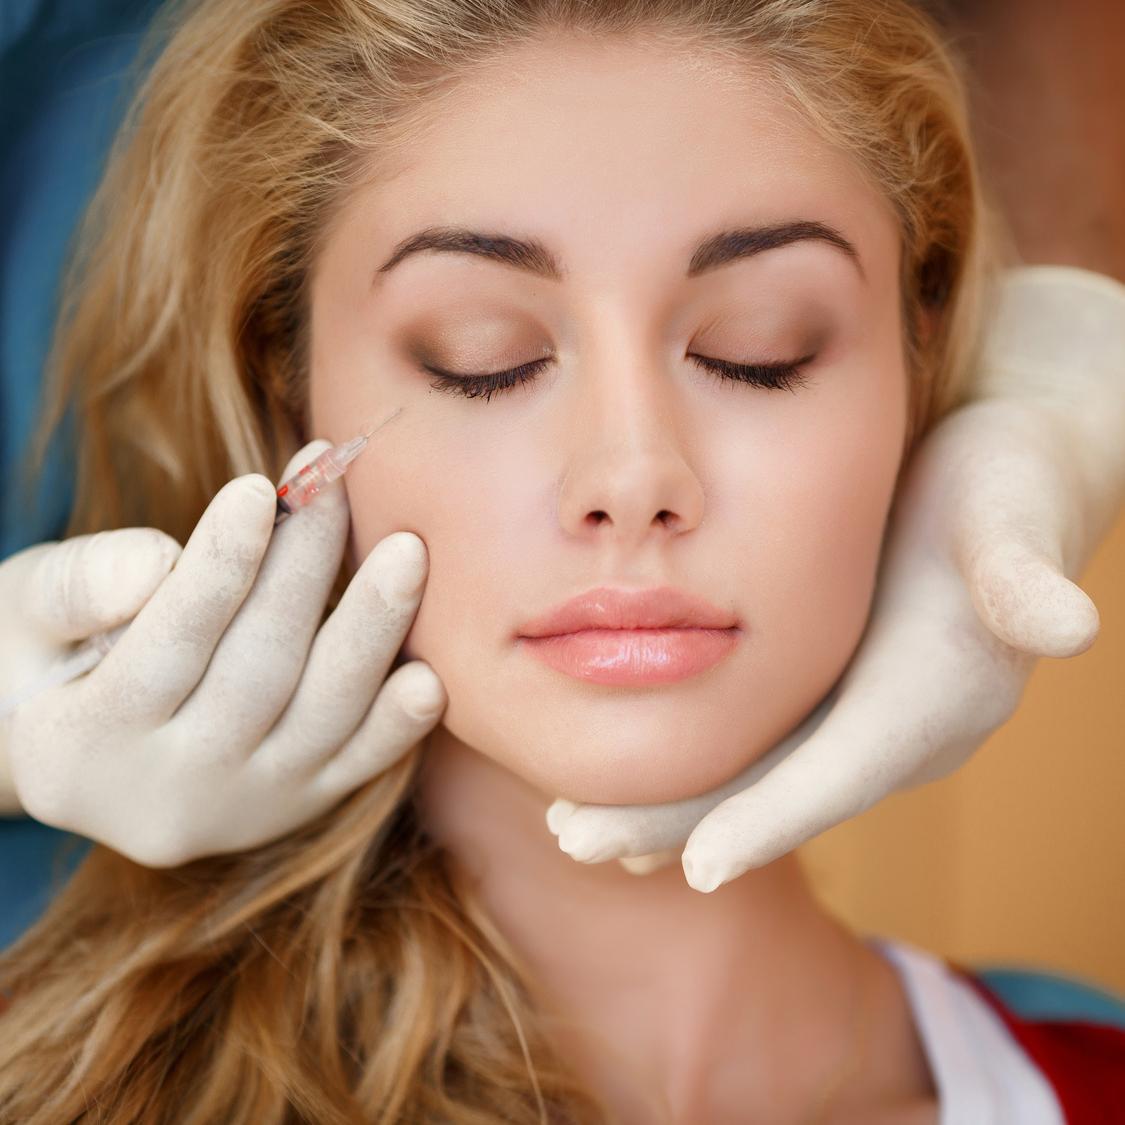 tratamiento de ácido hialurónico clínica de cirugía estética en Madrid